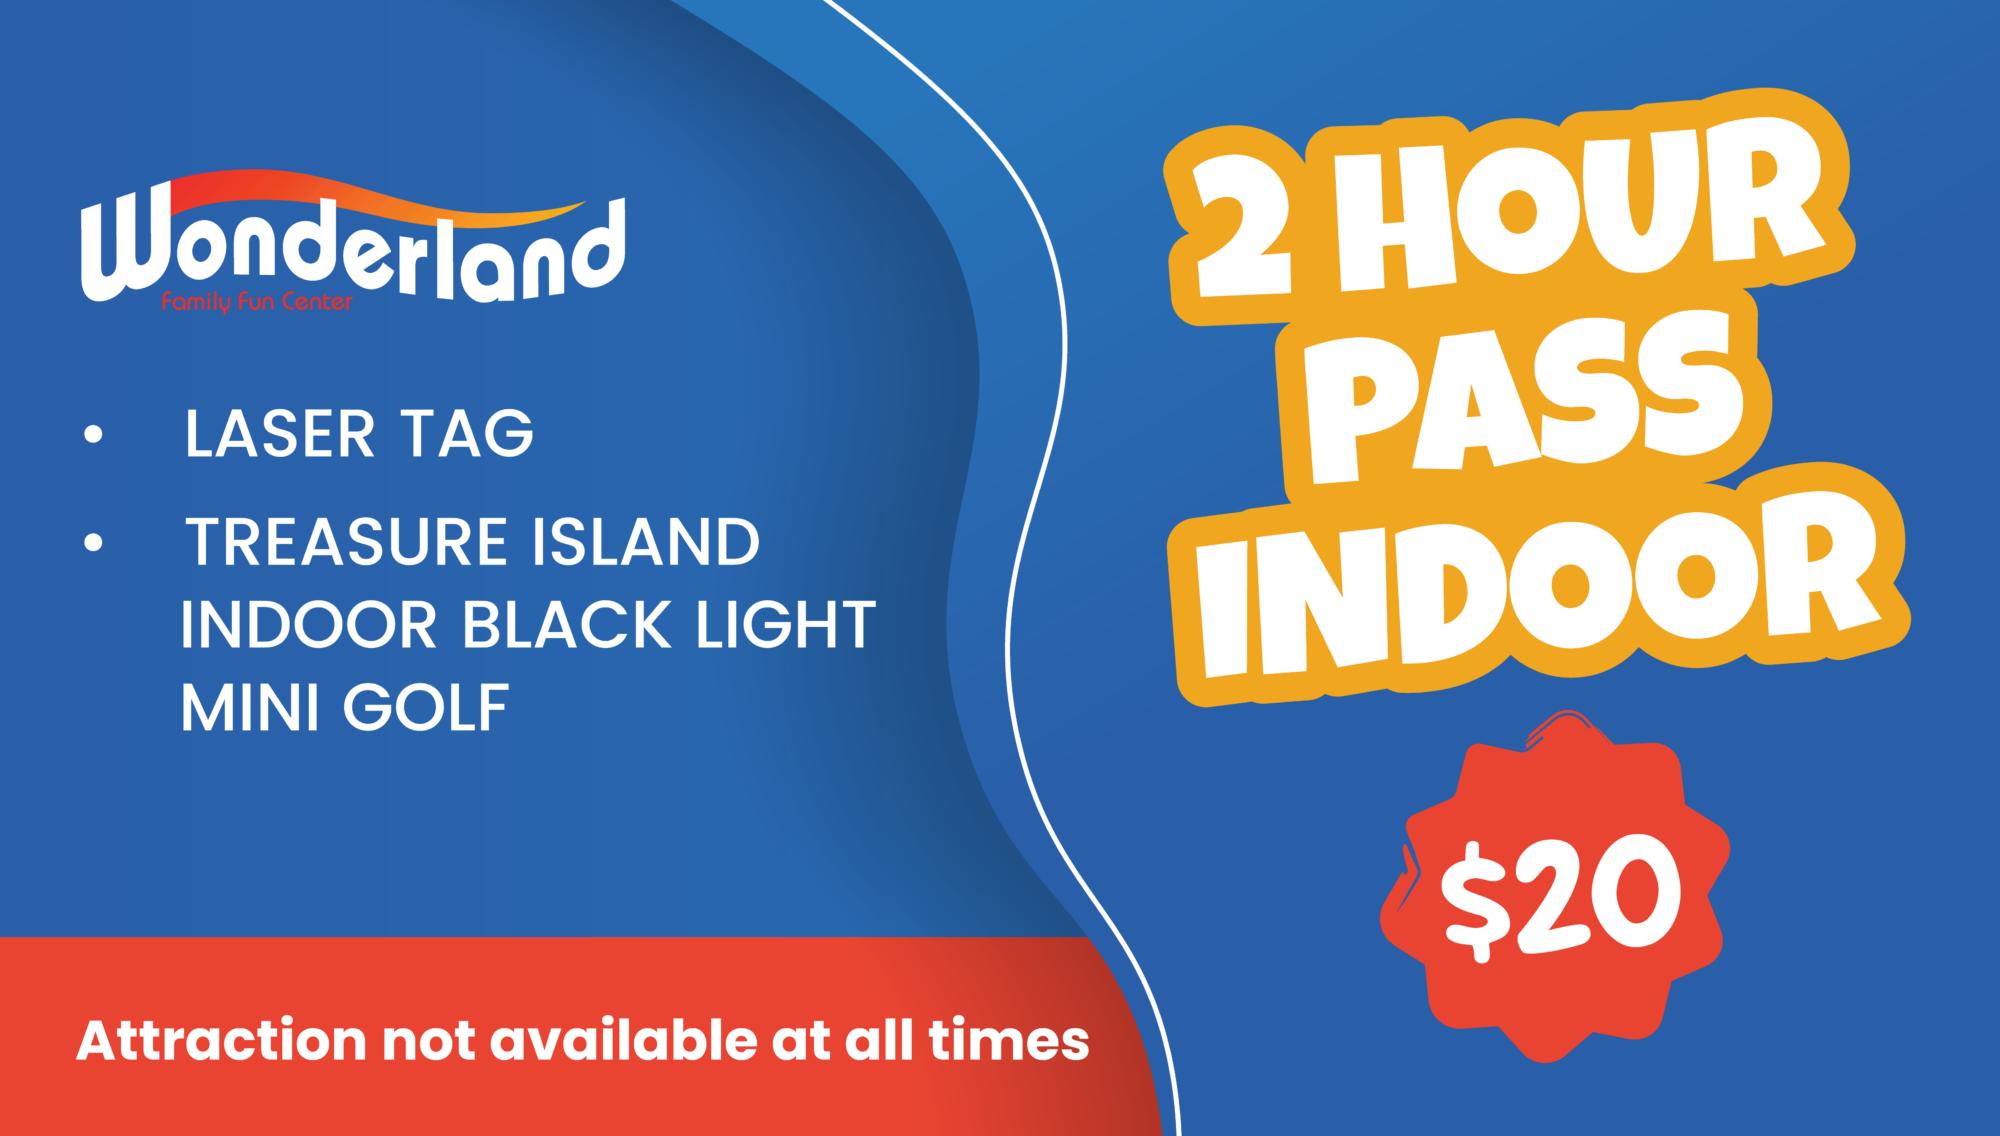 Indoor Pass $20